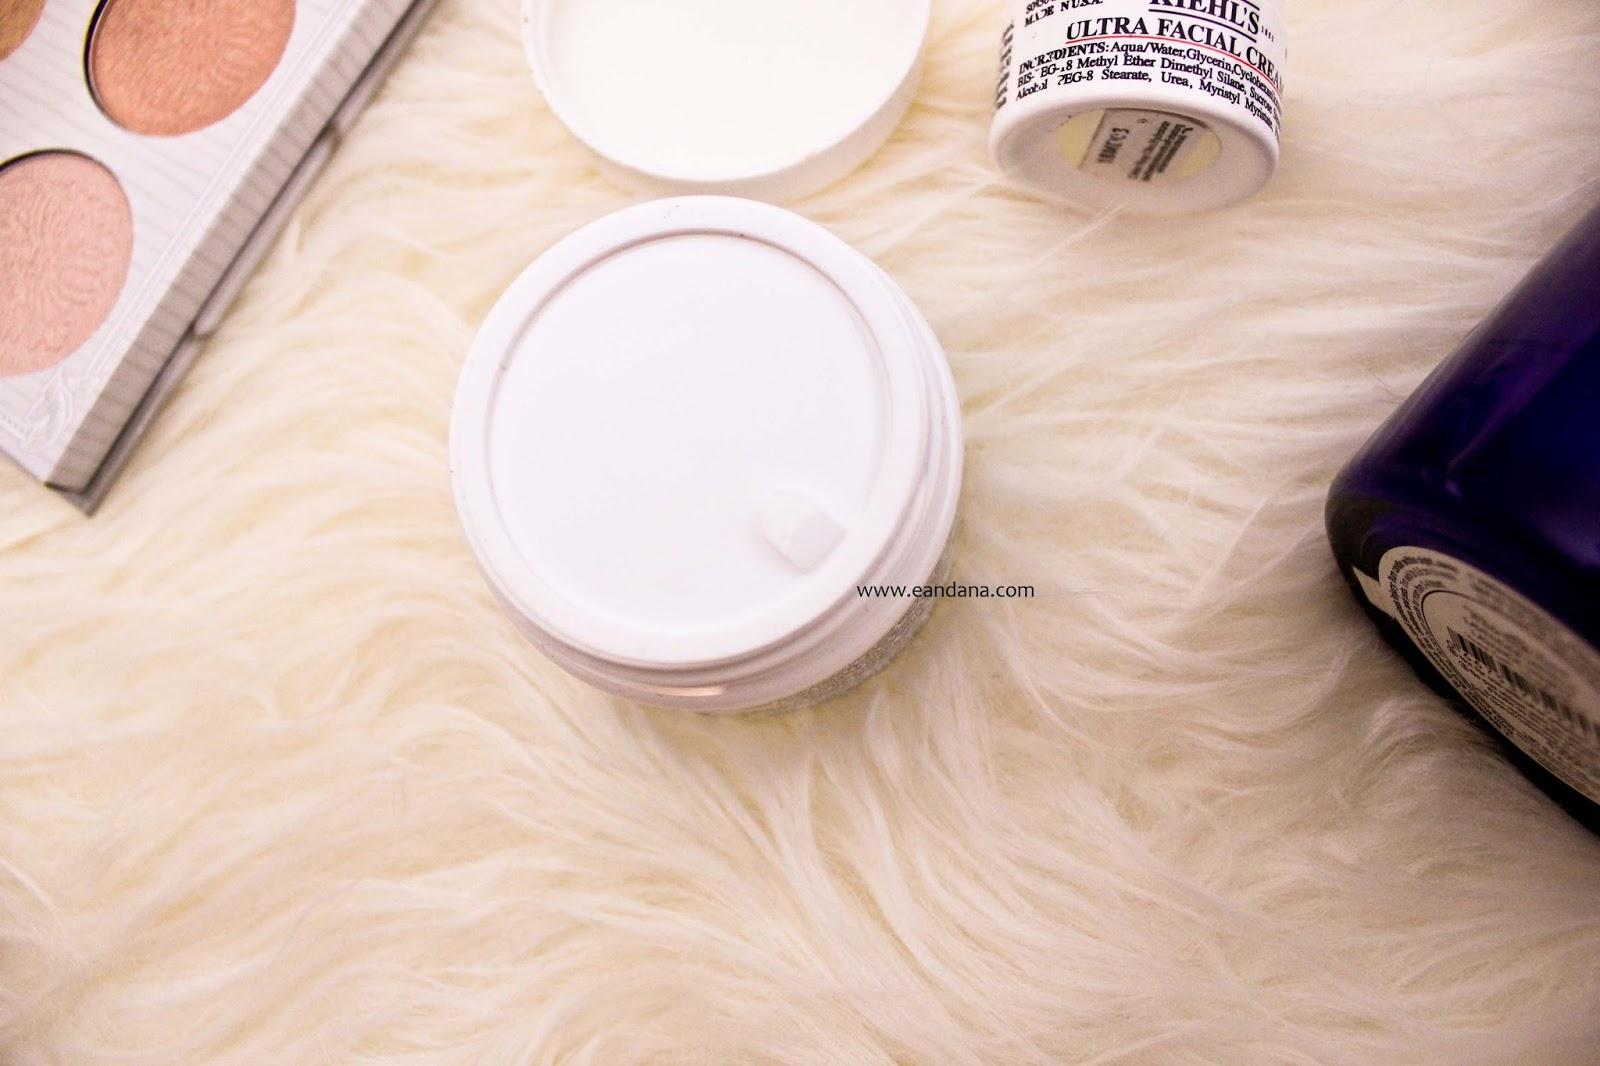 kiehls ultra facial cream lid